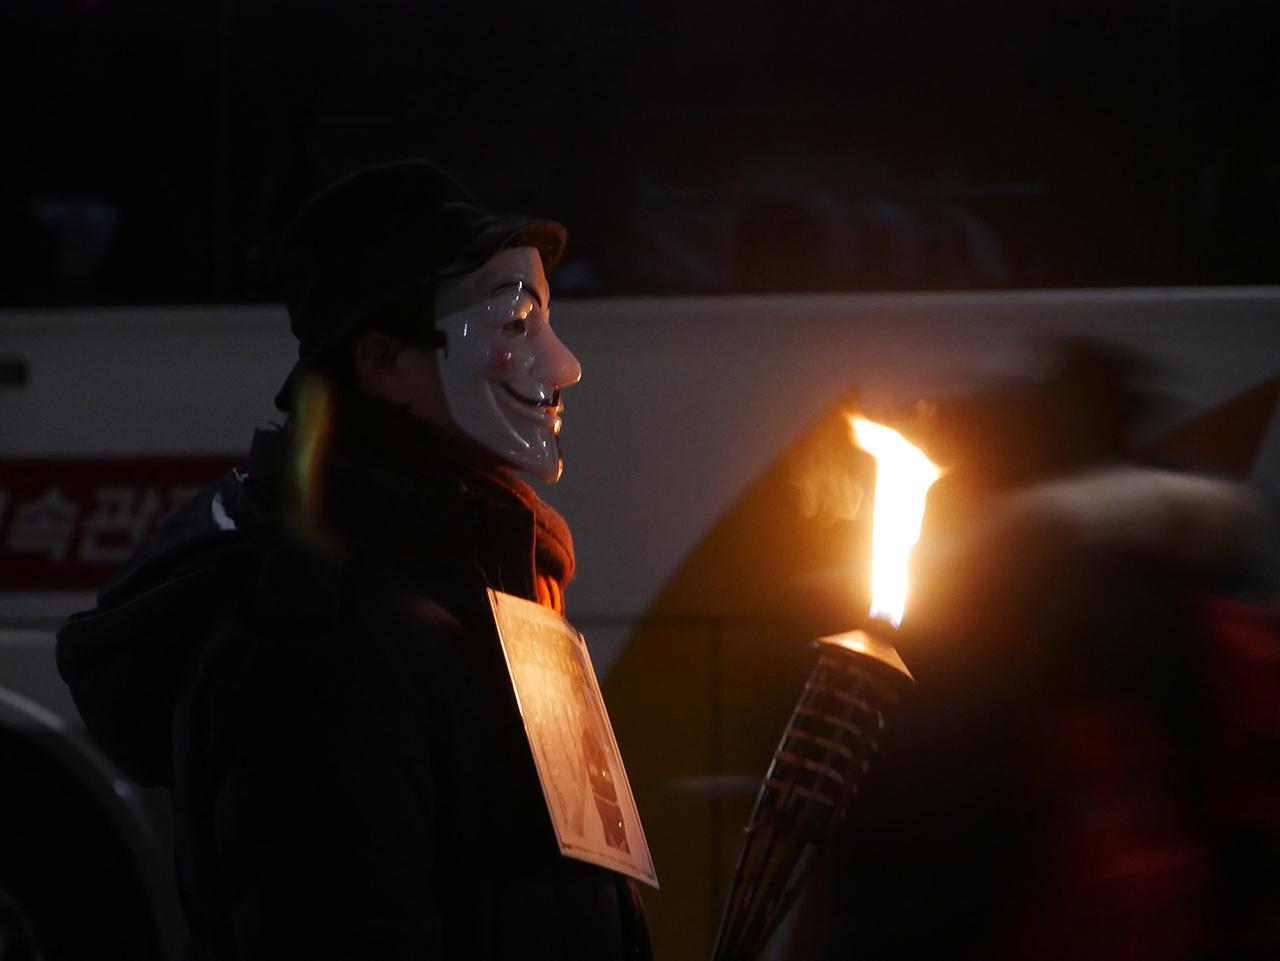 촛불집회에 나타난 가이포크스 한 시민이 가이포크스 가면을 쓰고 시위를 하고있다